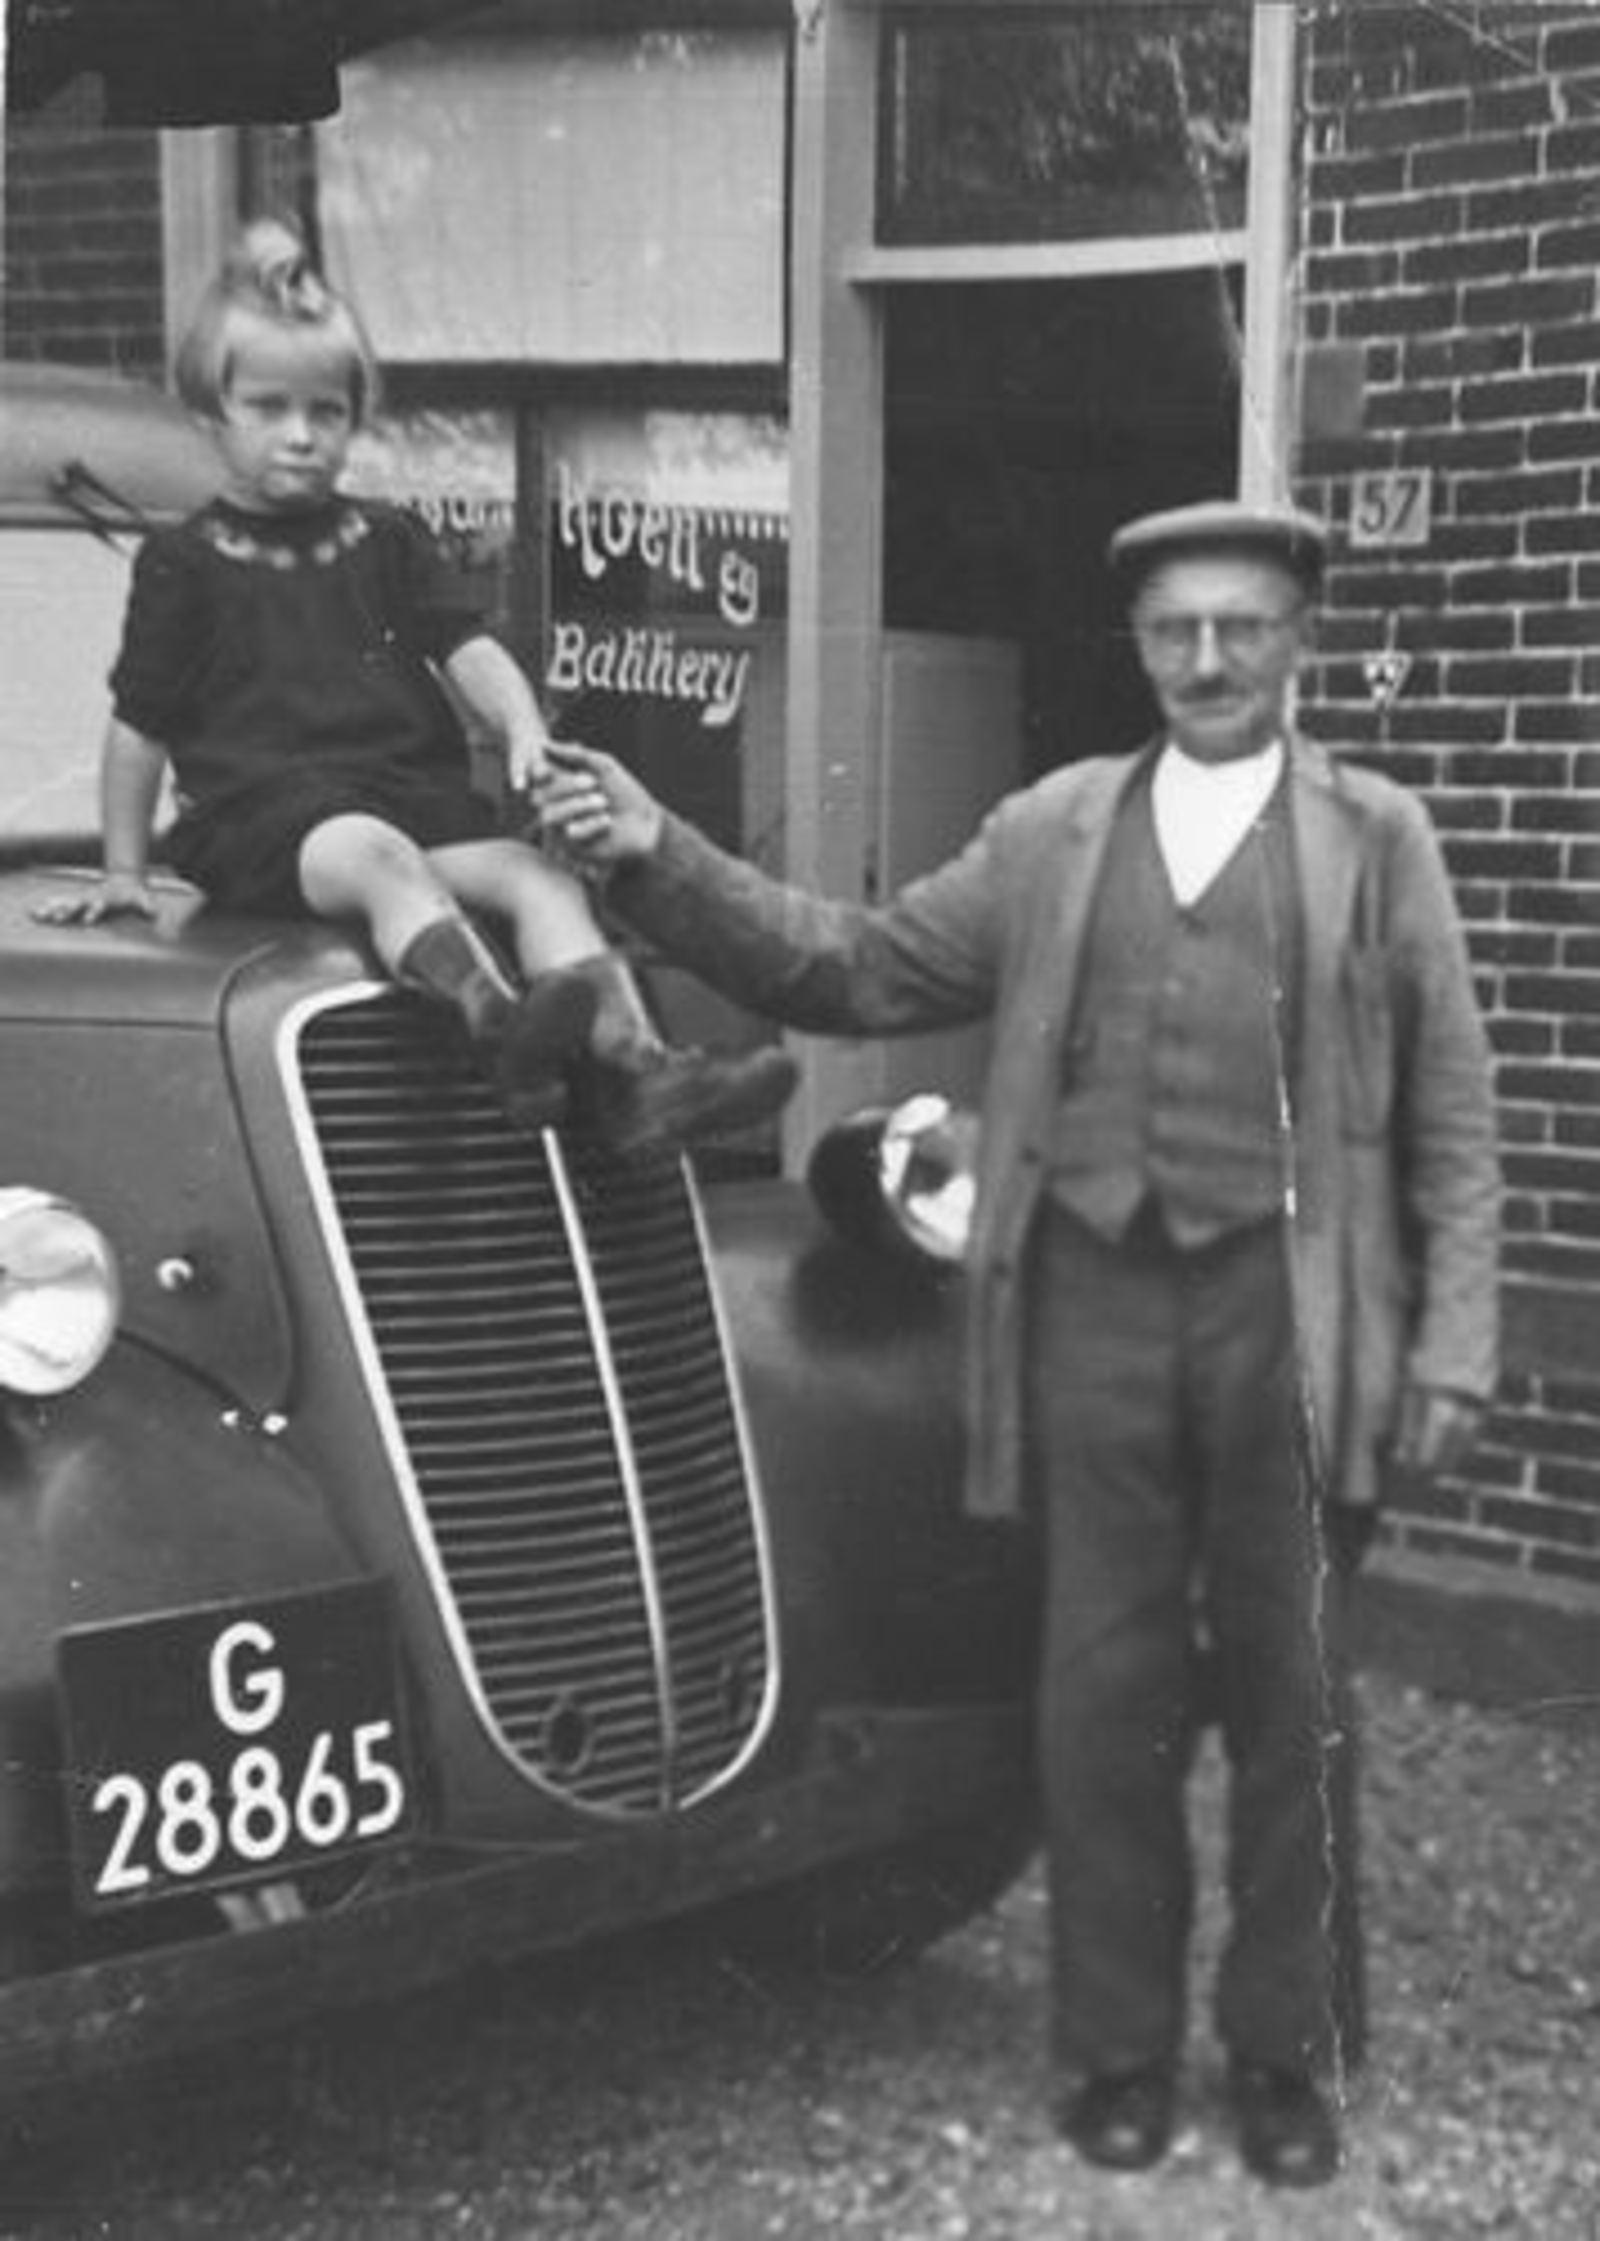 Lisserdijk 0057 1950± Bakker de Man met Kleindochter